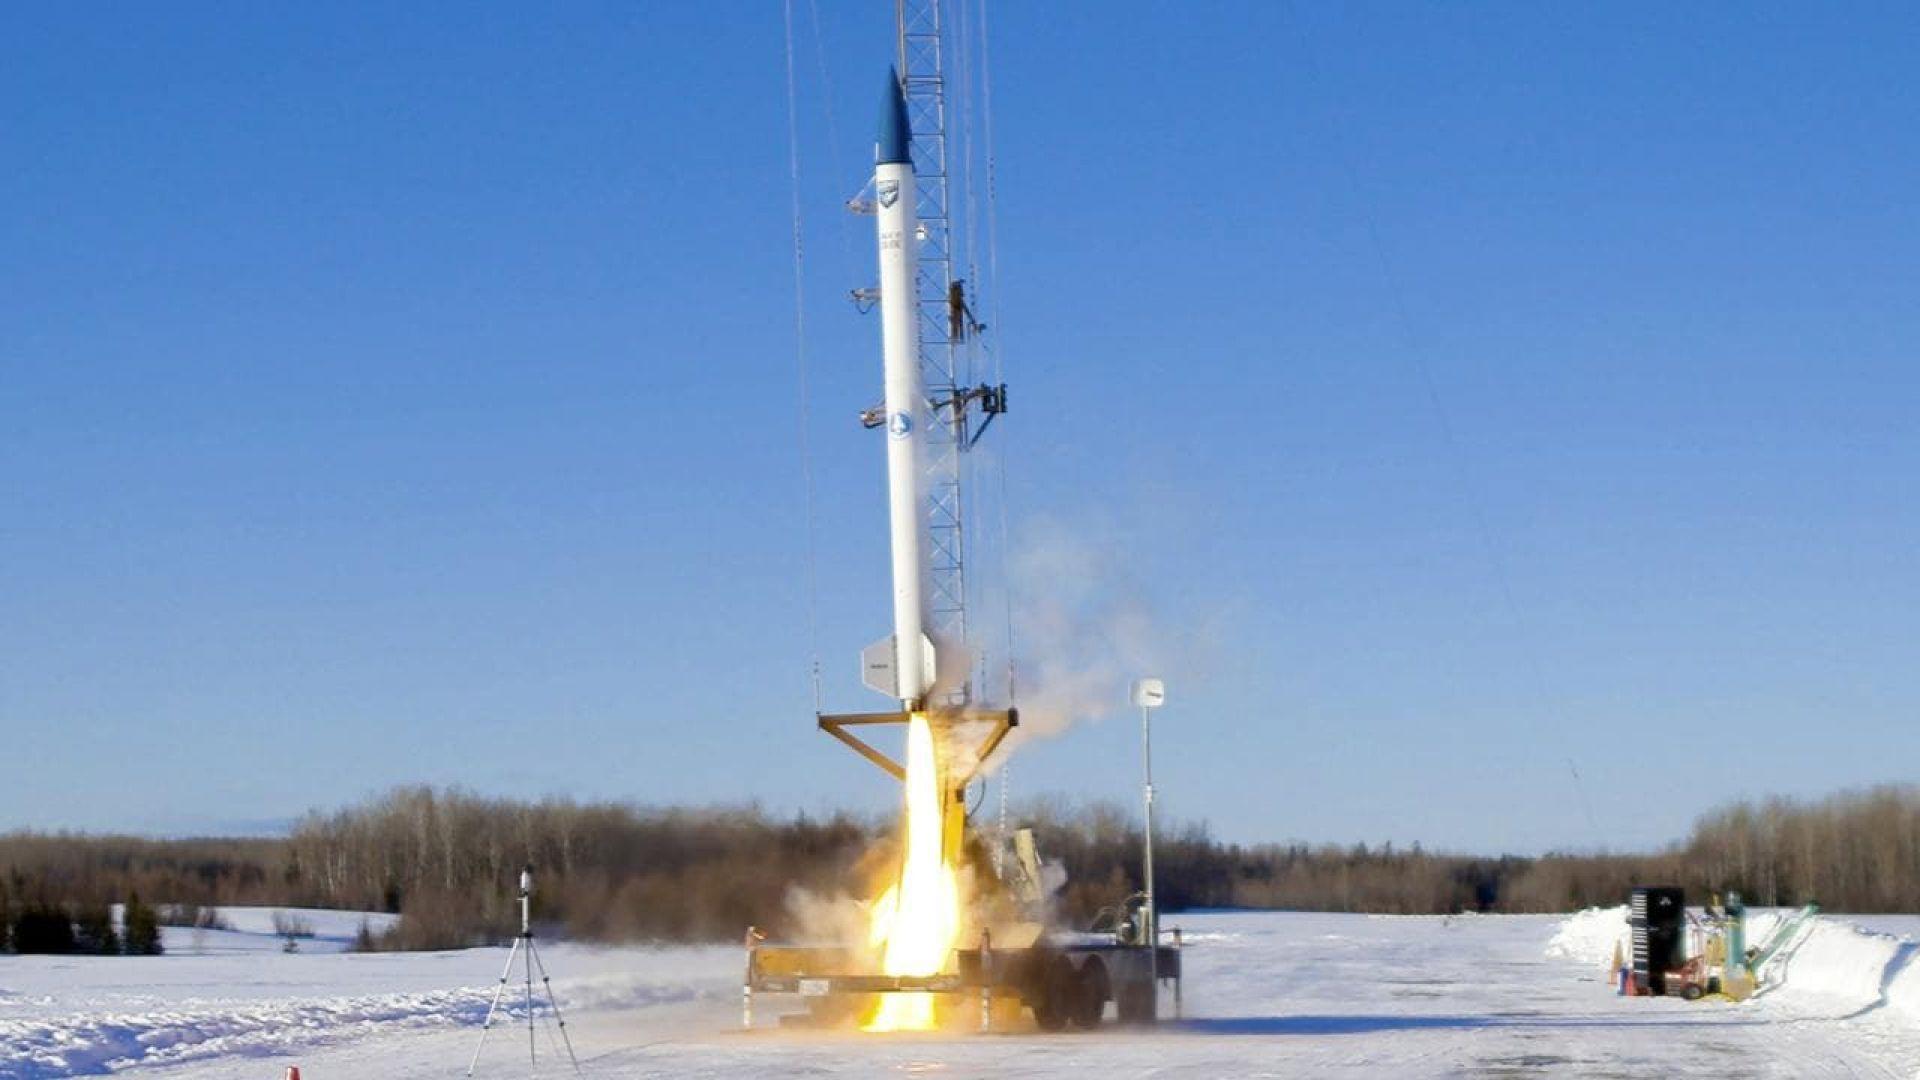 Първата ракета-носител с биогориво беше изстреляна в САЩ